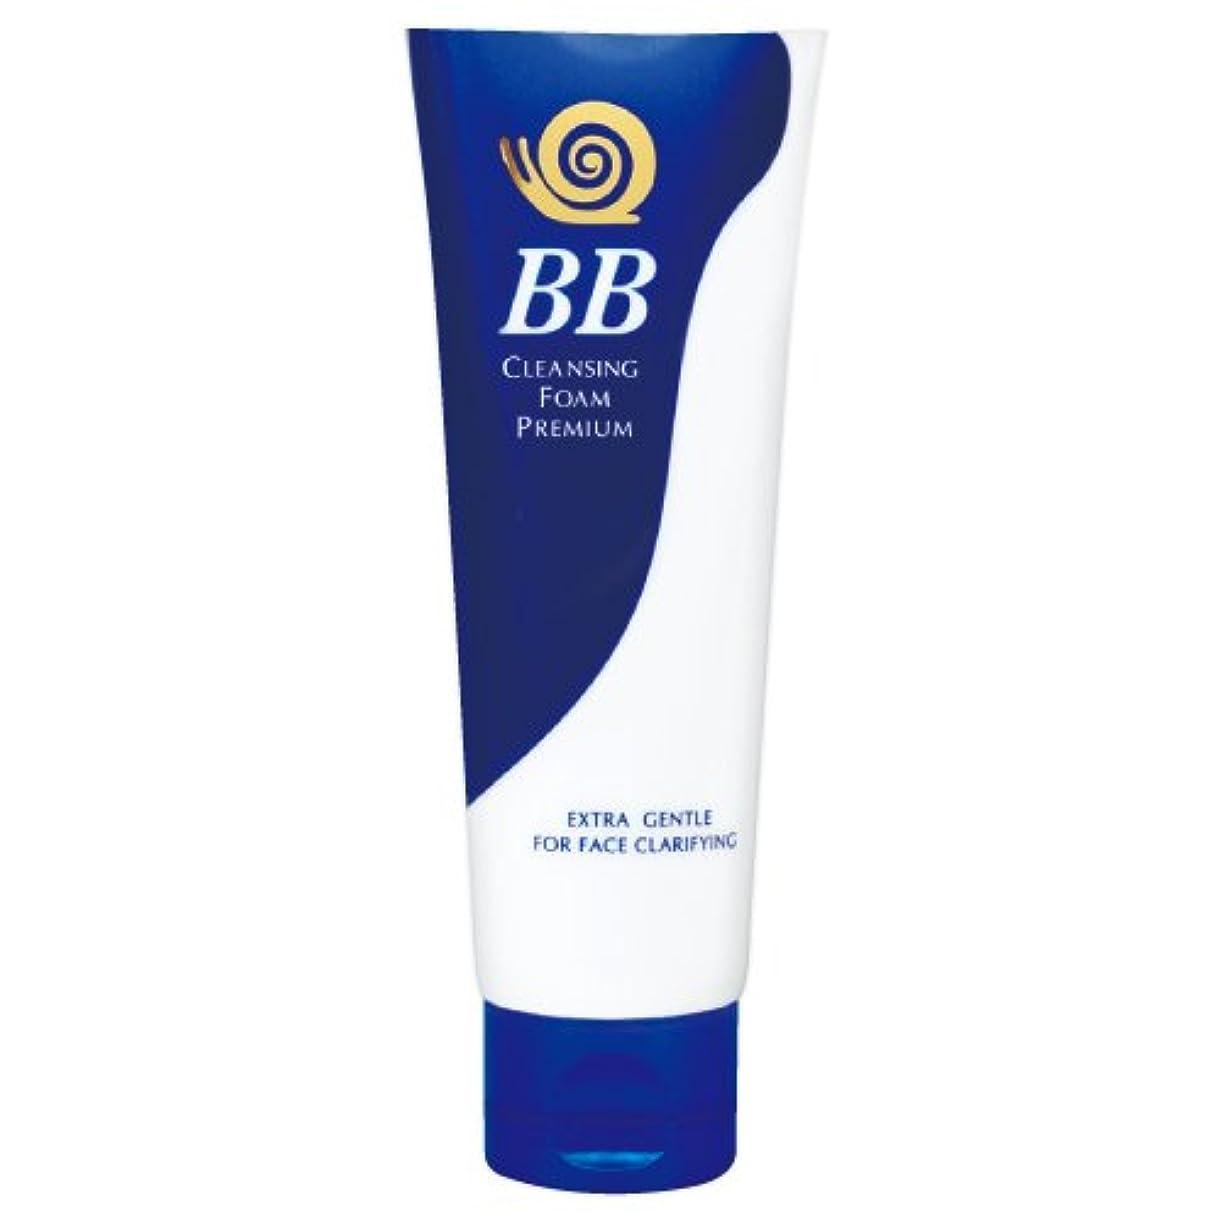 アセンブリ立場地図極上 かたつむり BB 洗顔フォーム (プレミアム) 100g